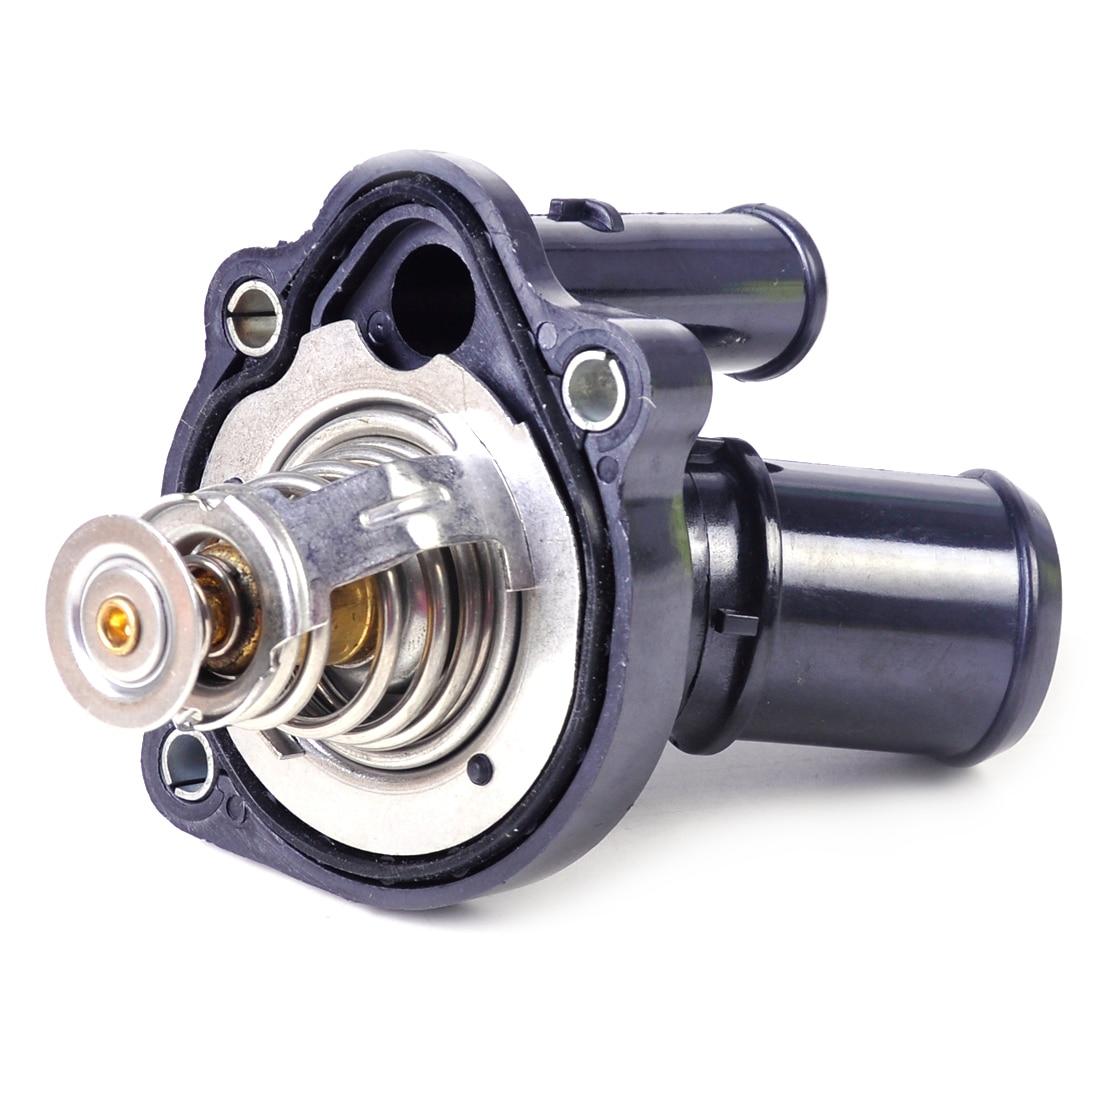 Dwcx thermostat engine coolant housing 48708 lf70 15 170 l33615170 for ford escape focus